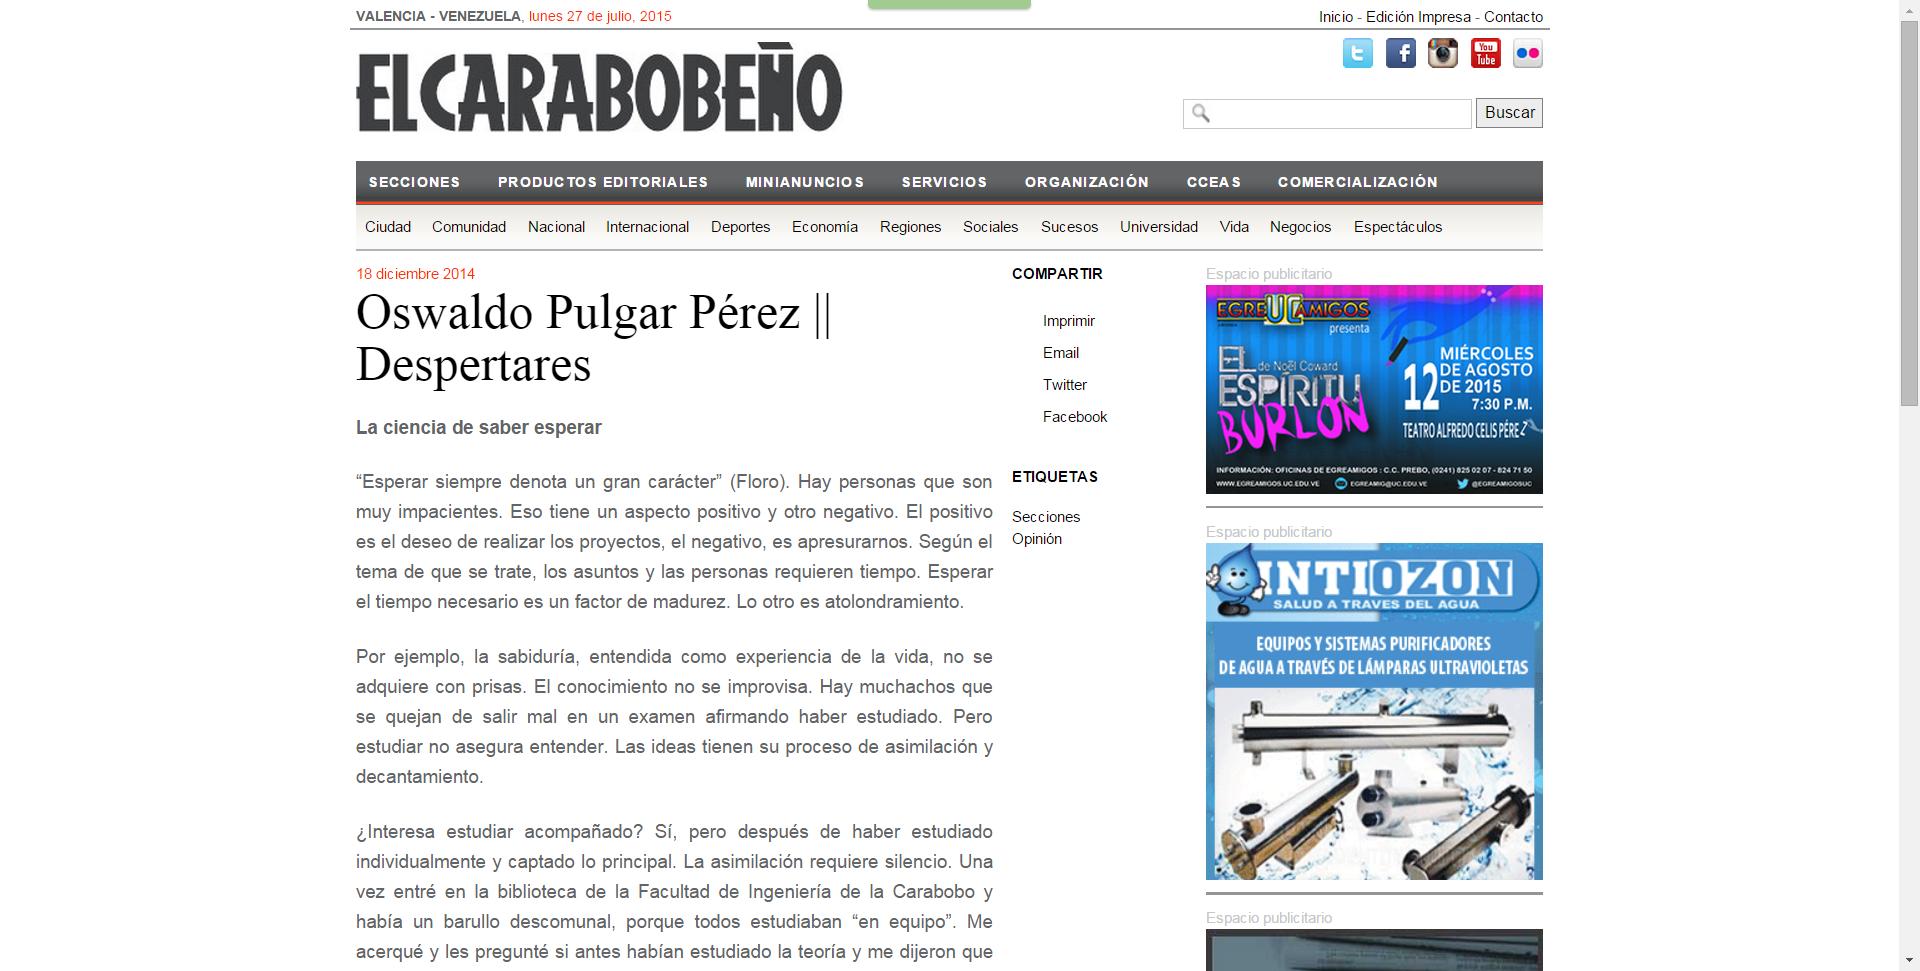 Oswaldo Pulgar Pérez    La ciencia de saber esperar